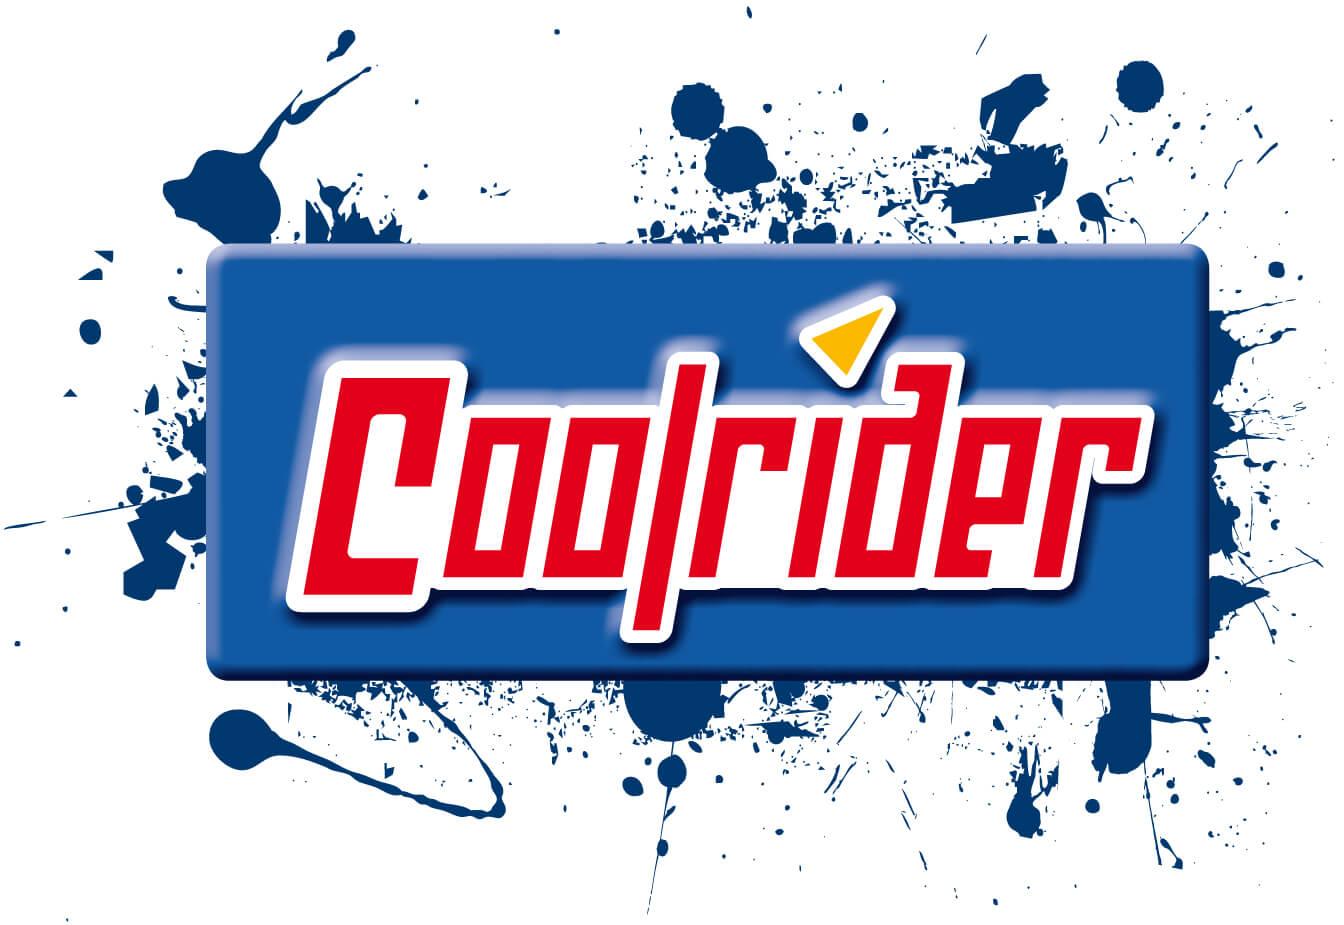 Coolrider